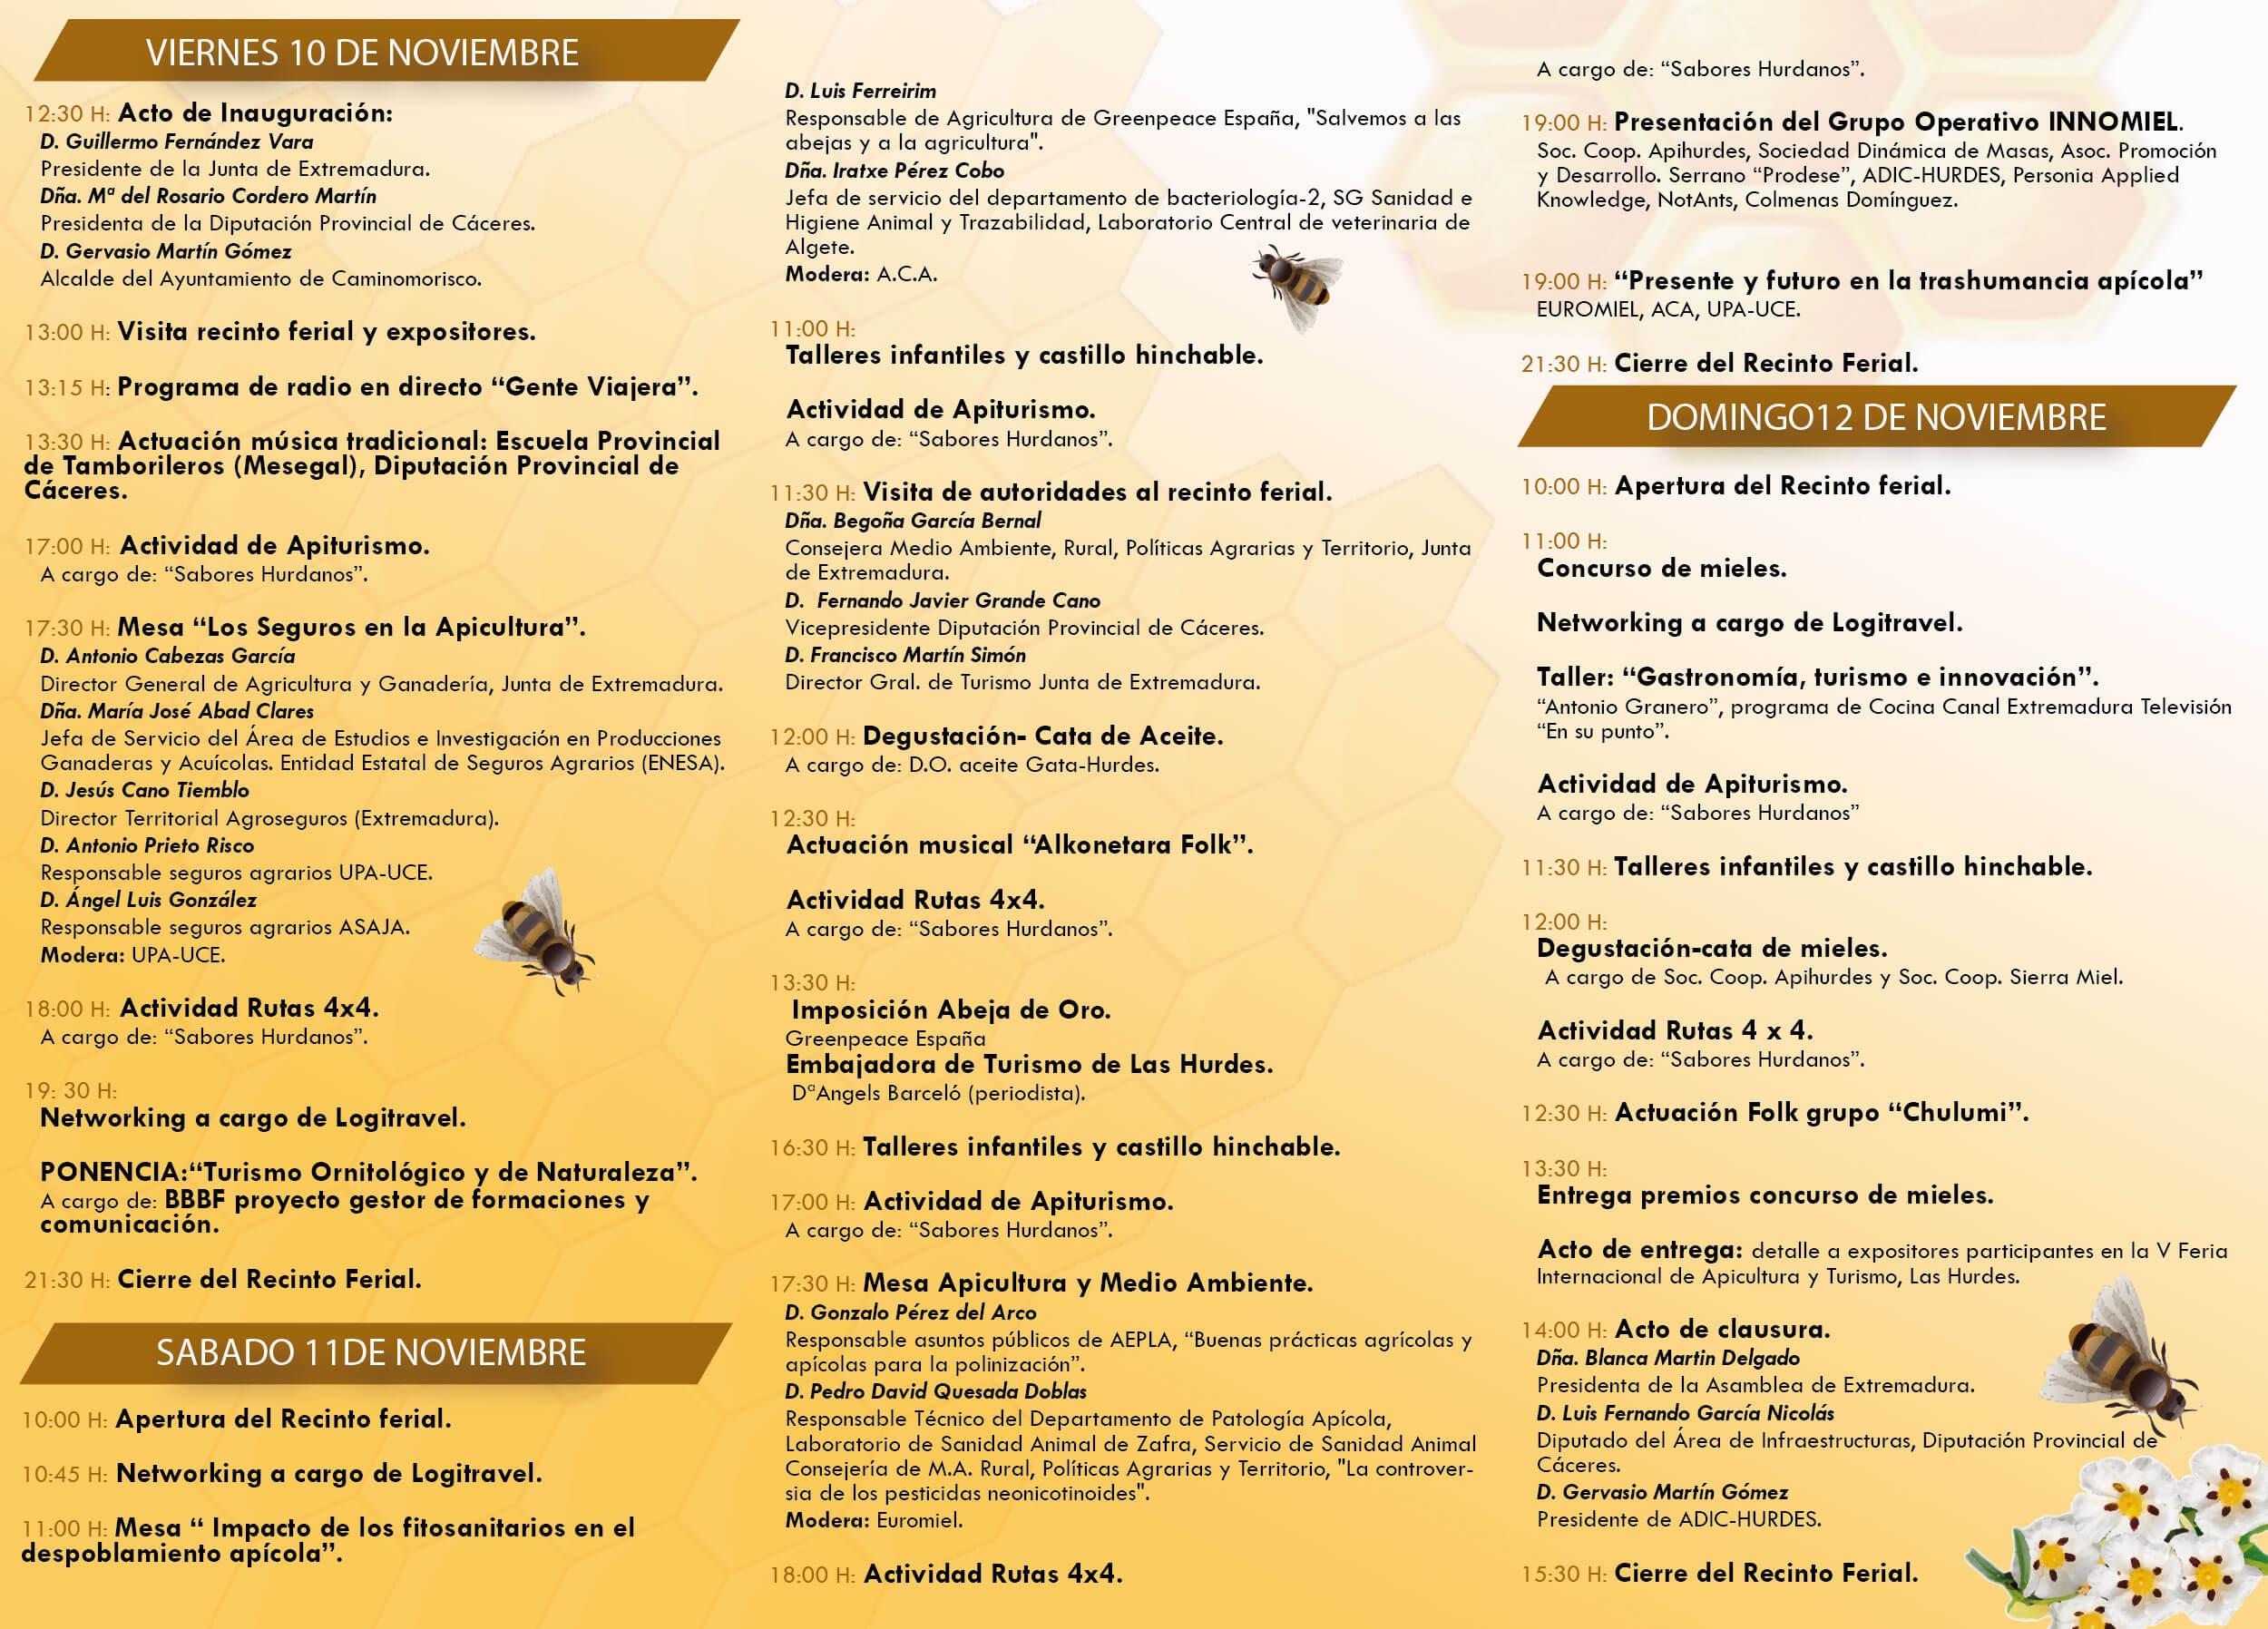 Actividades del programa de la V Feria Internacional de Apicultura y Turismo. Caminomorisco (Cáceres)